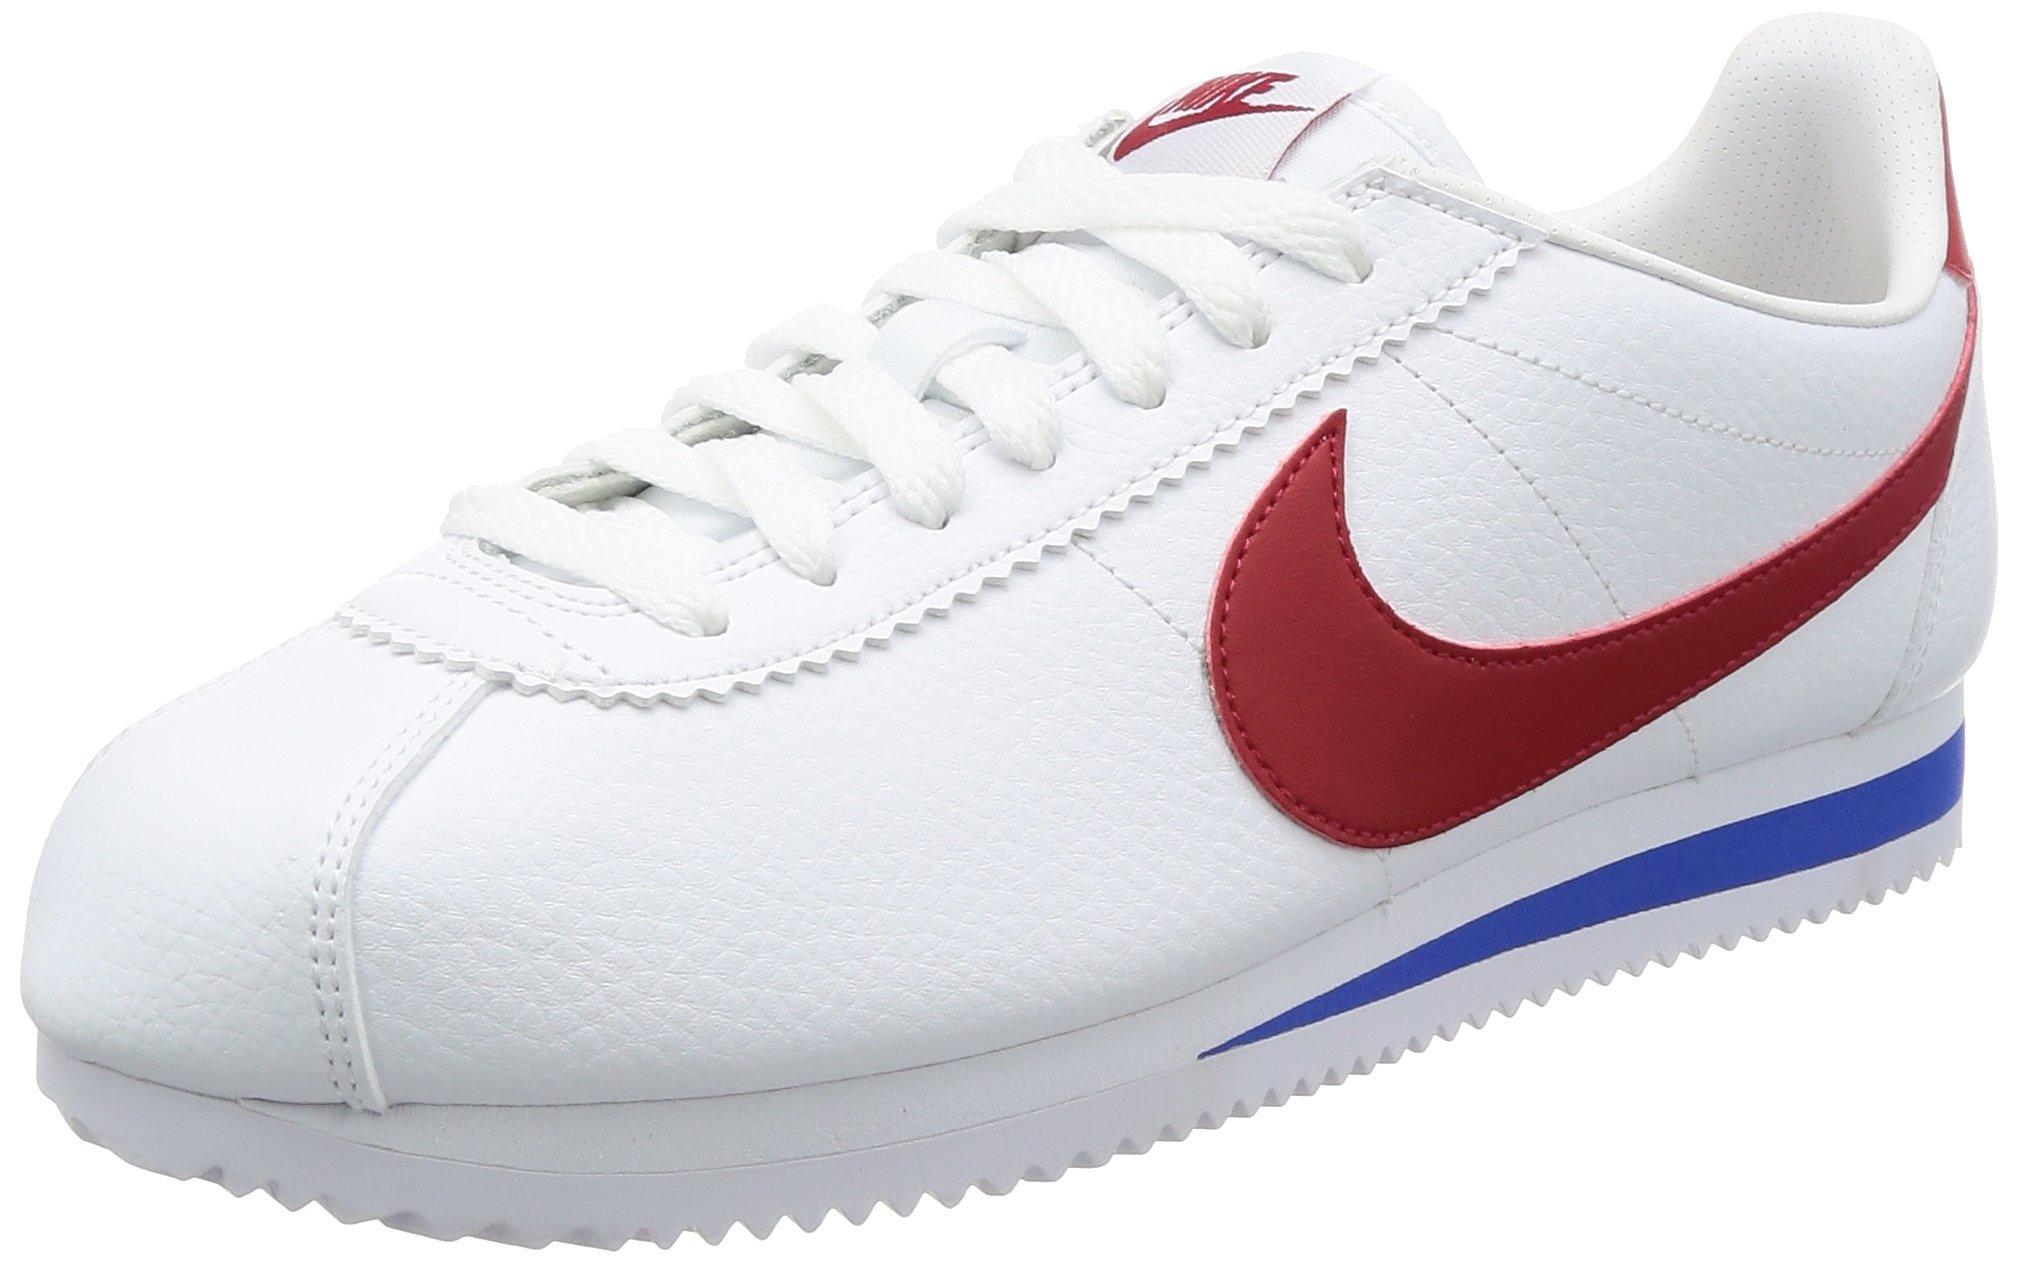 Nike Cortez HommeBlancblanc Eu LeatherChaussures Running Classic rougeintense46 De royaléclatant Entrainement qzSGLUMpjV